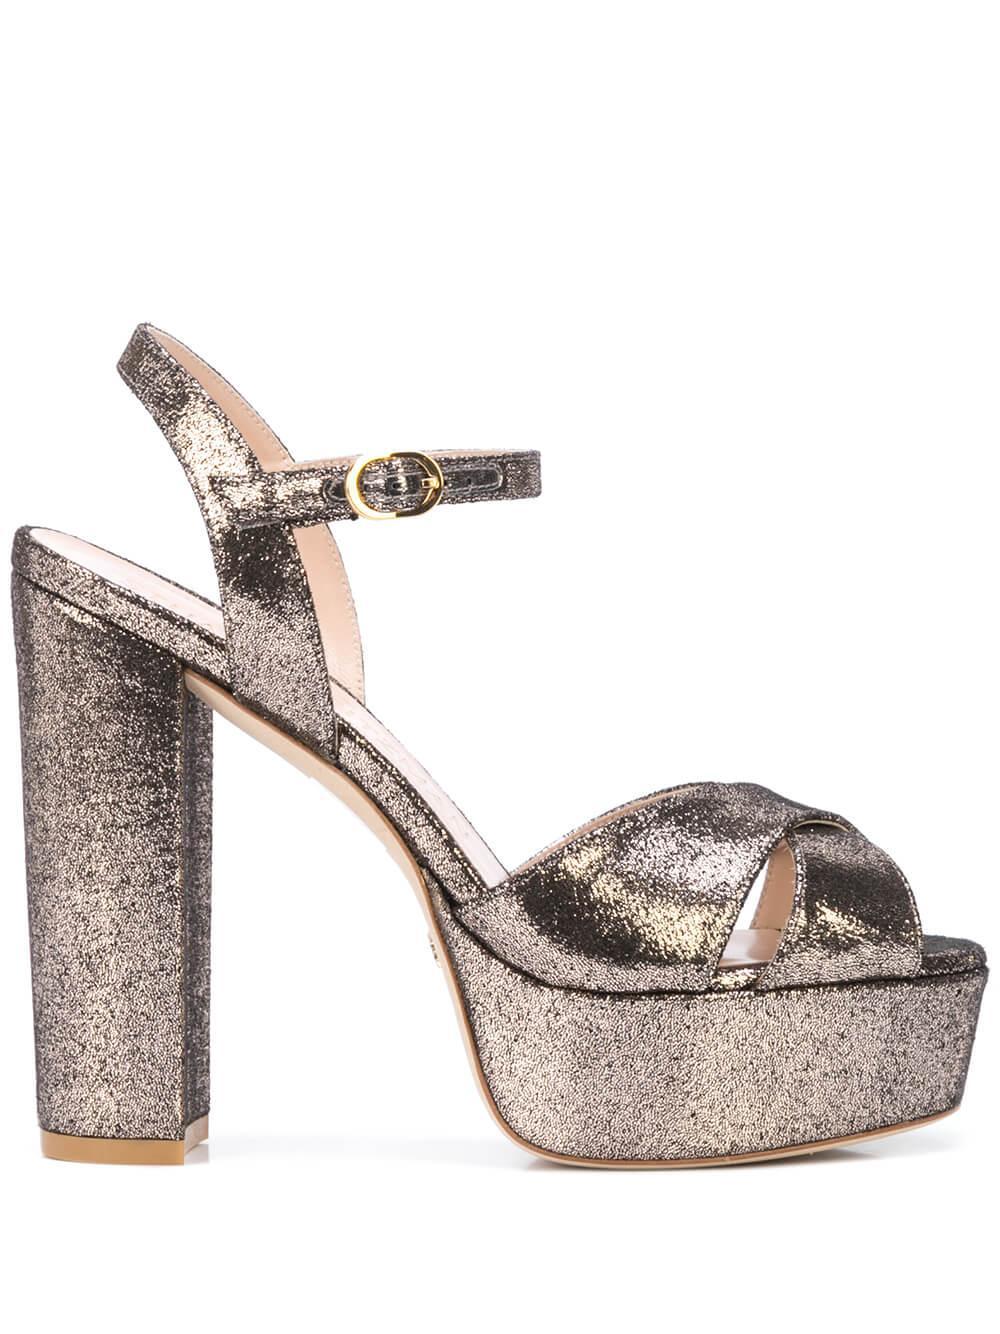 Lame Velvet 130mm Platform Sandal Item # SOLIESSE